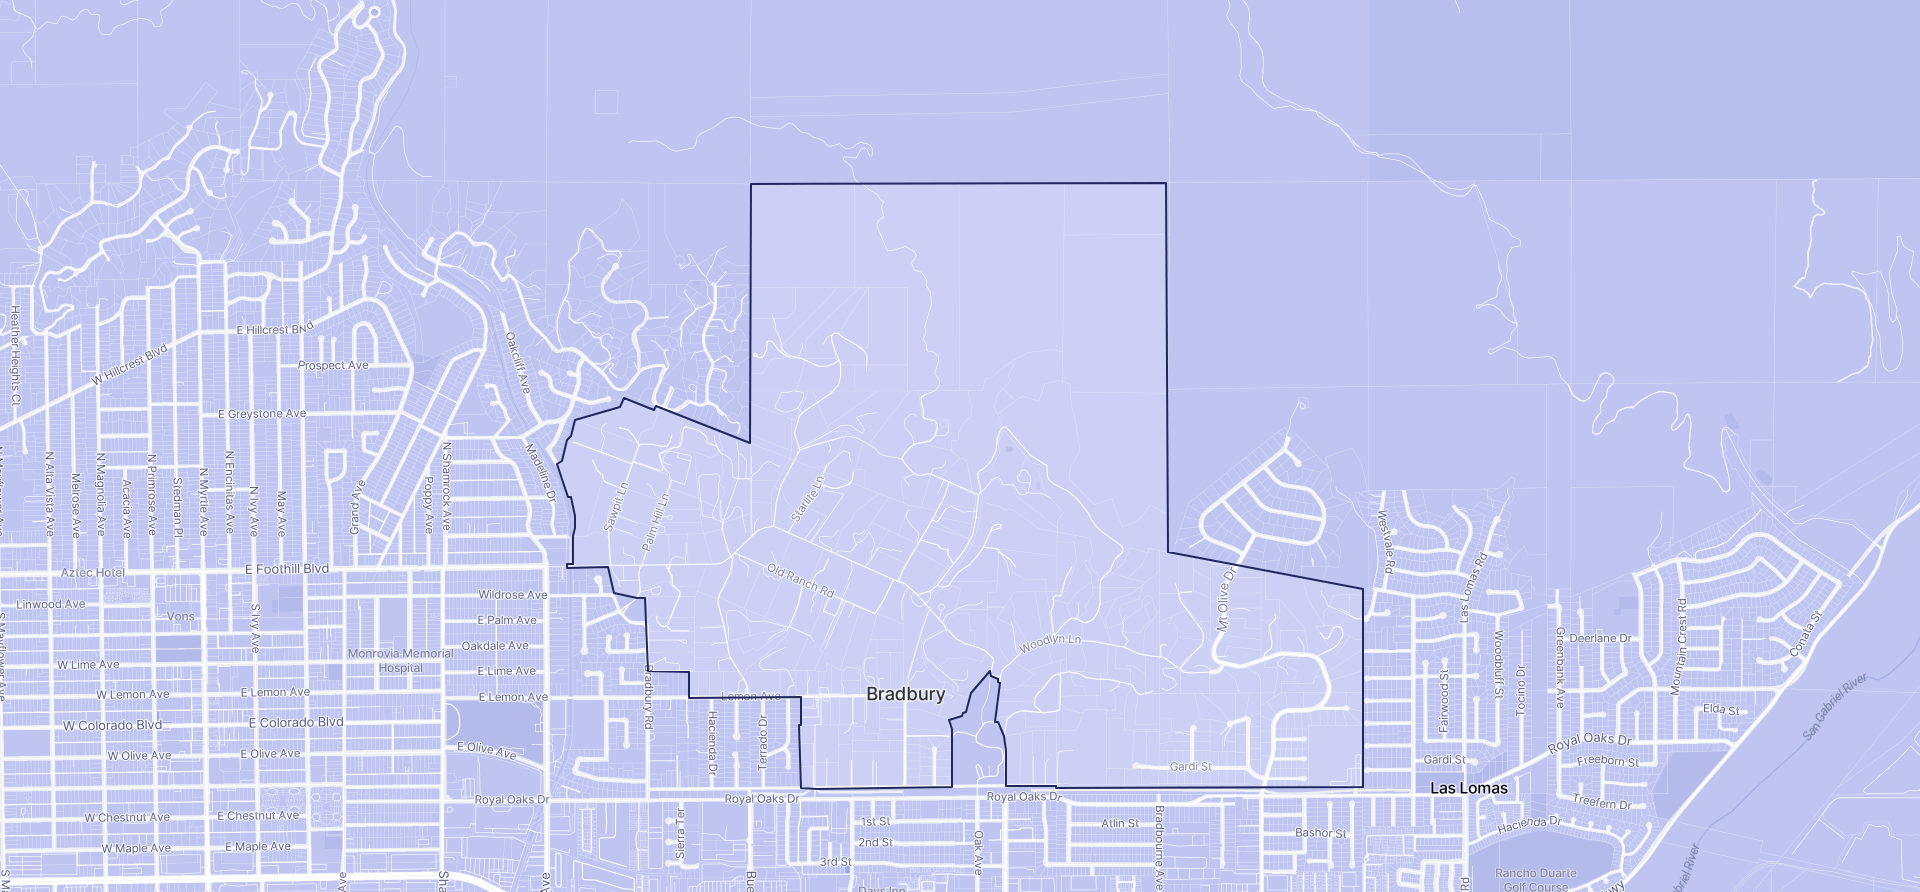 Image of Bradbury boundaries on a map.